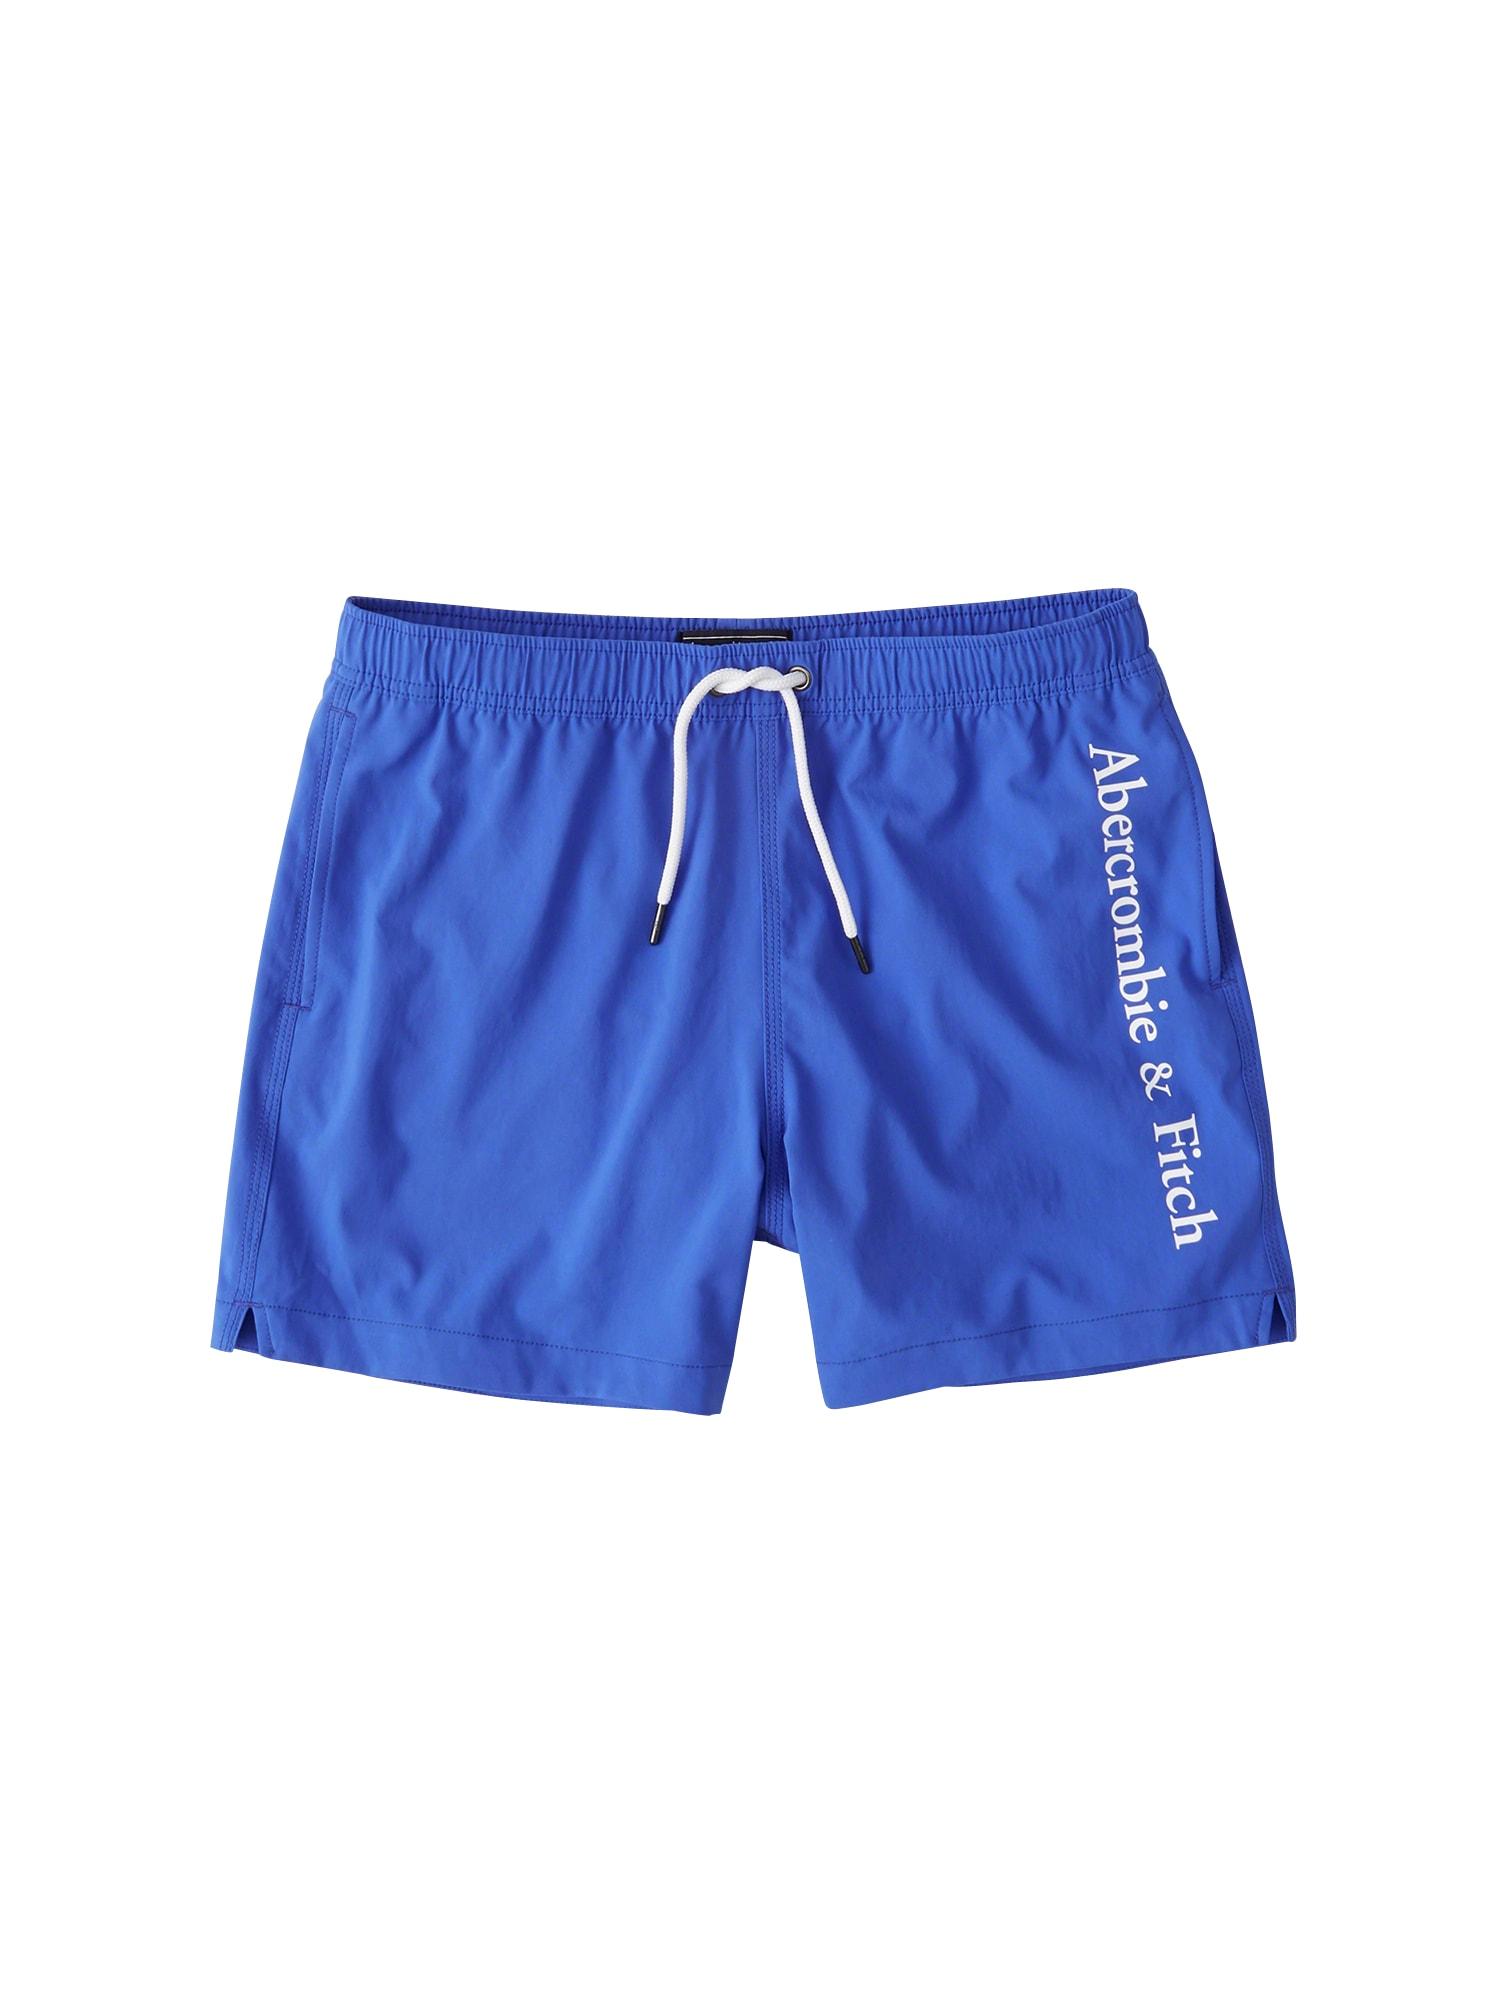 Plavecké šortky (S-EF468) SB19-5 INCH SOLID BLUE 1CC $48 kobaltová modř Abercrombie & Fitch